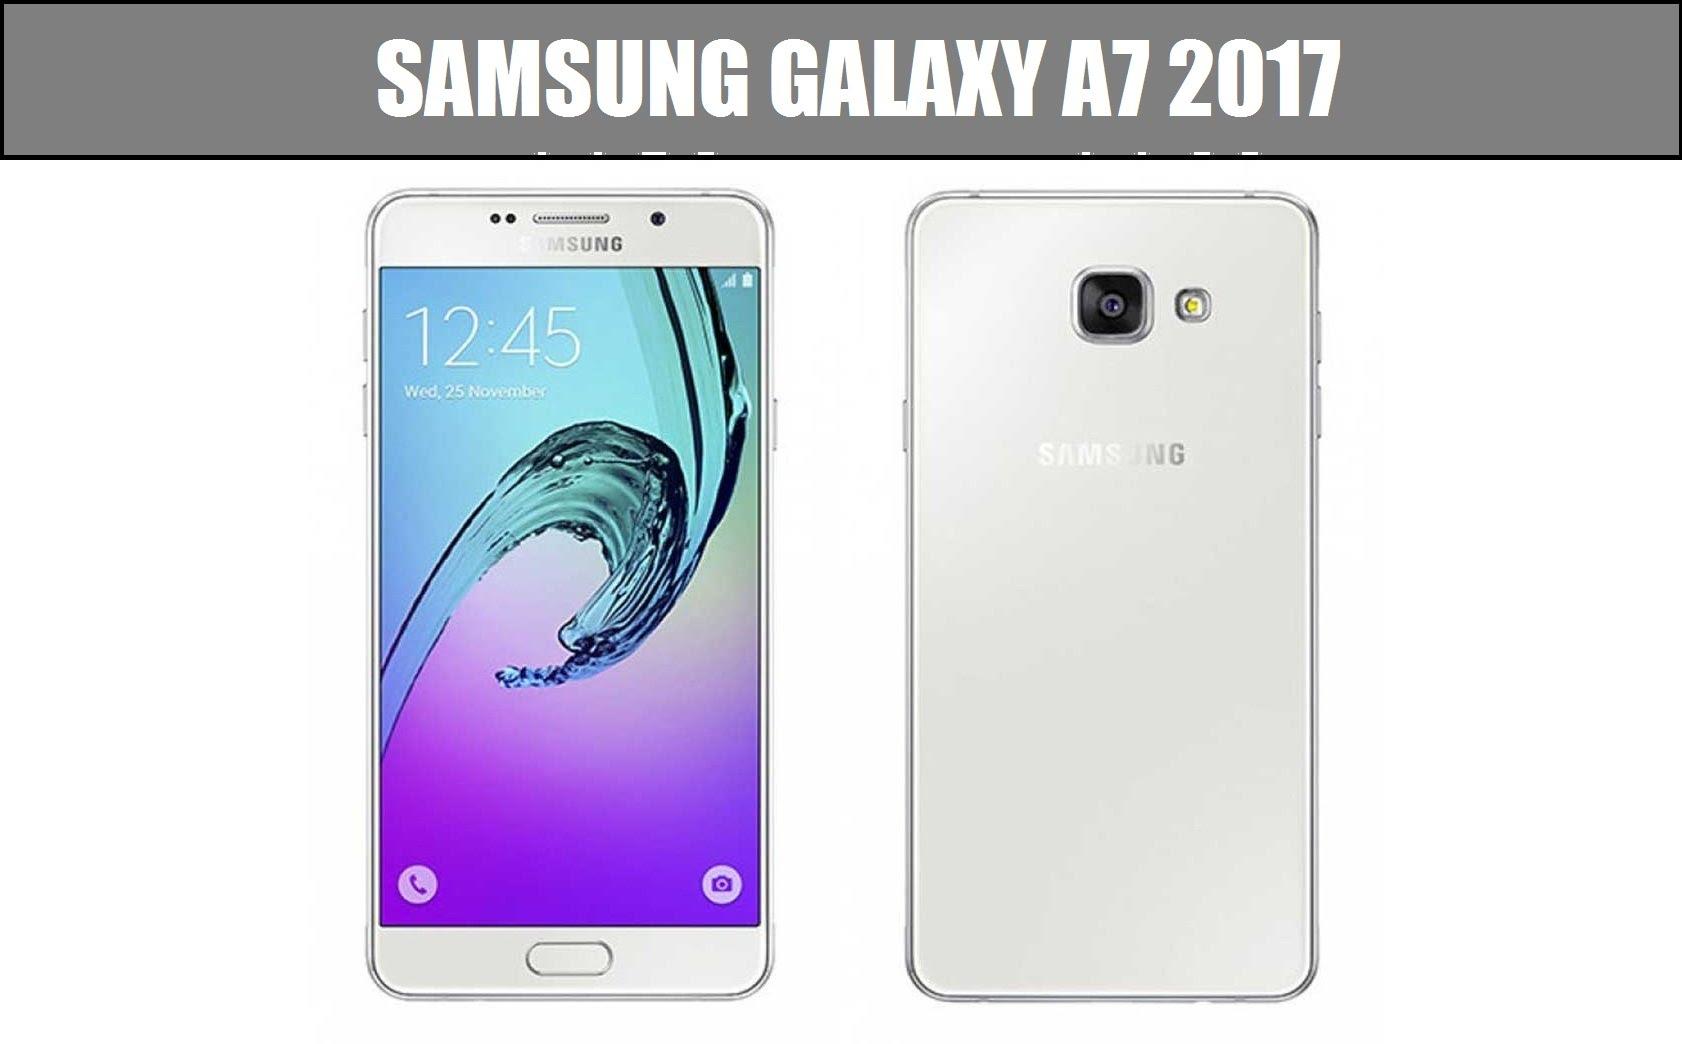 Samsung Galaxy A7 2017 Özellikleri ve Tanıtımı yapıldı 1